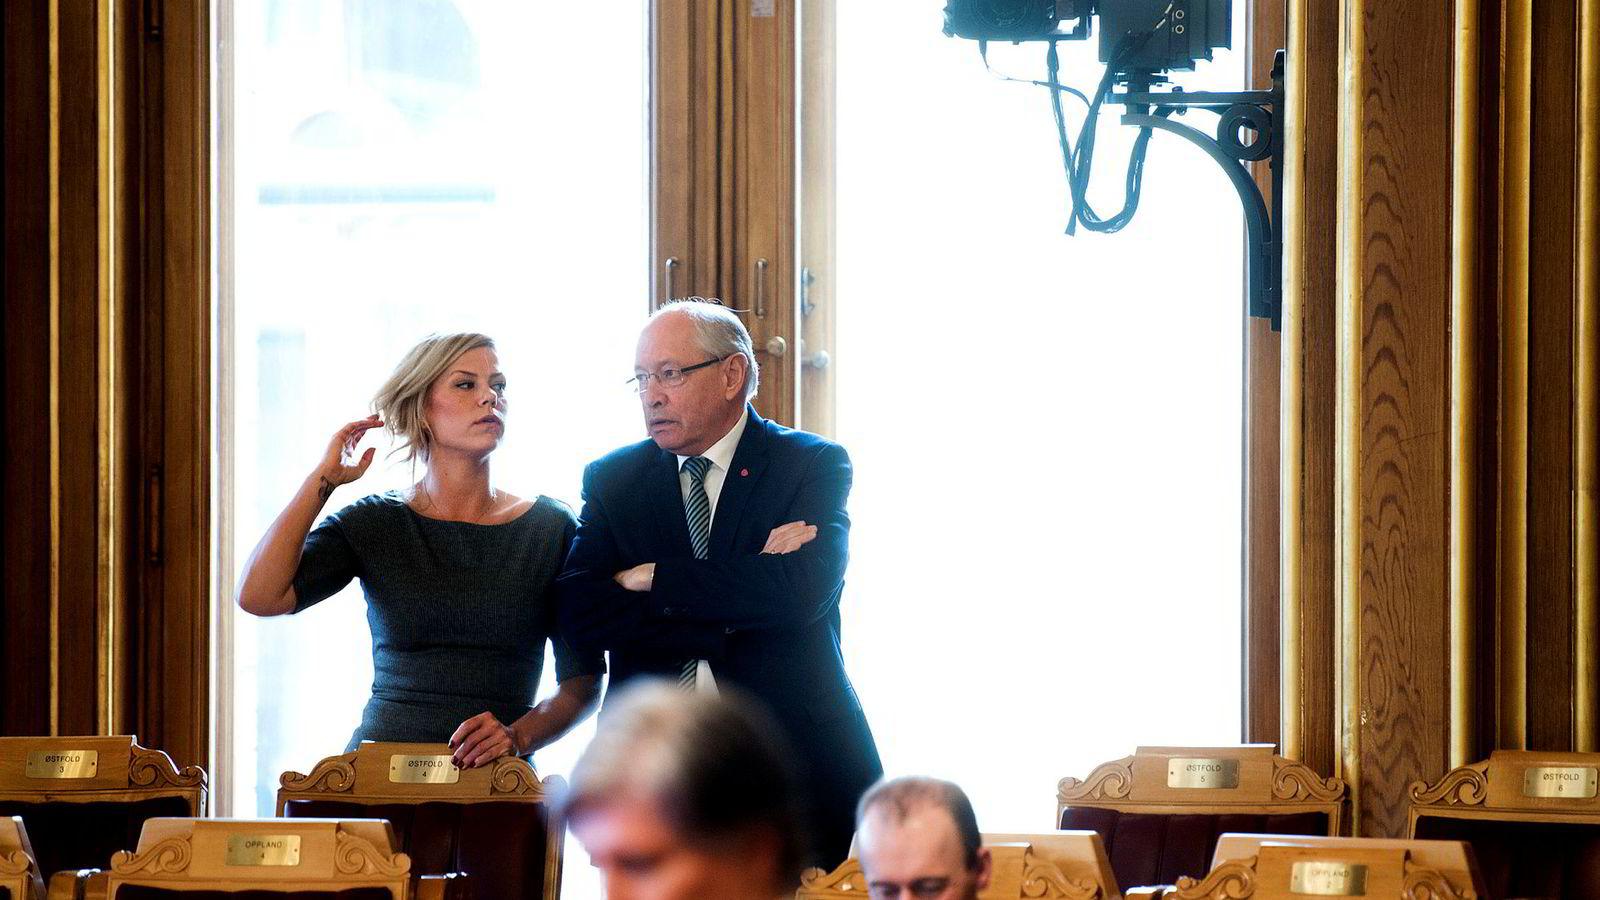 Hverken Jette Christensen eller Martin Kolberg fikk sine ønsker om stortingskomité oppfylt. Christensen er nå plassert i utdannelses- og forskningskomiteen, mens Kolberg er nå plassert i utenriks- og forsvarskomiteen.